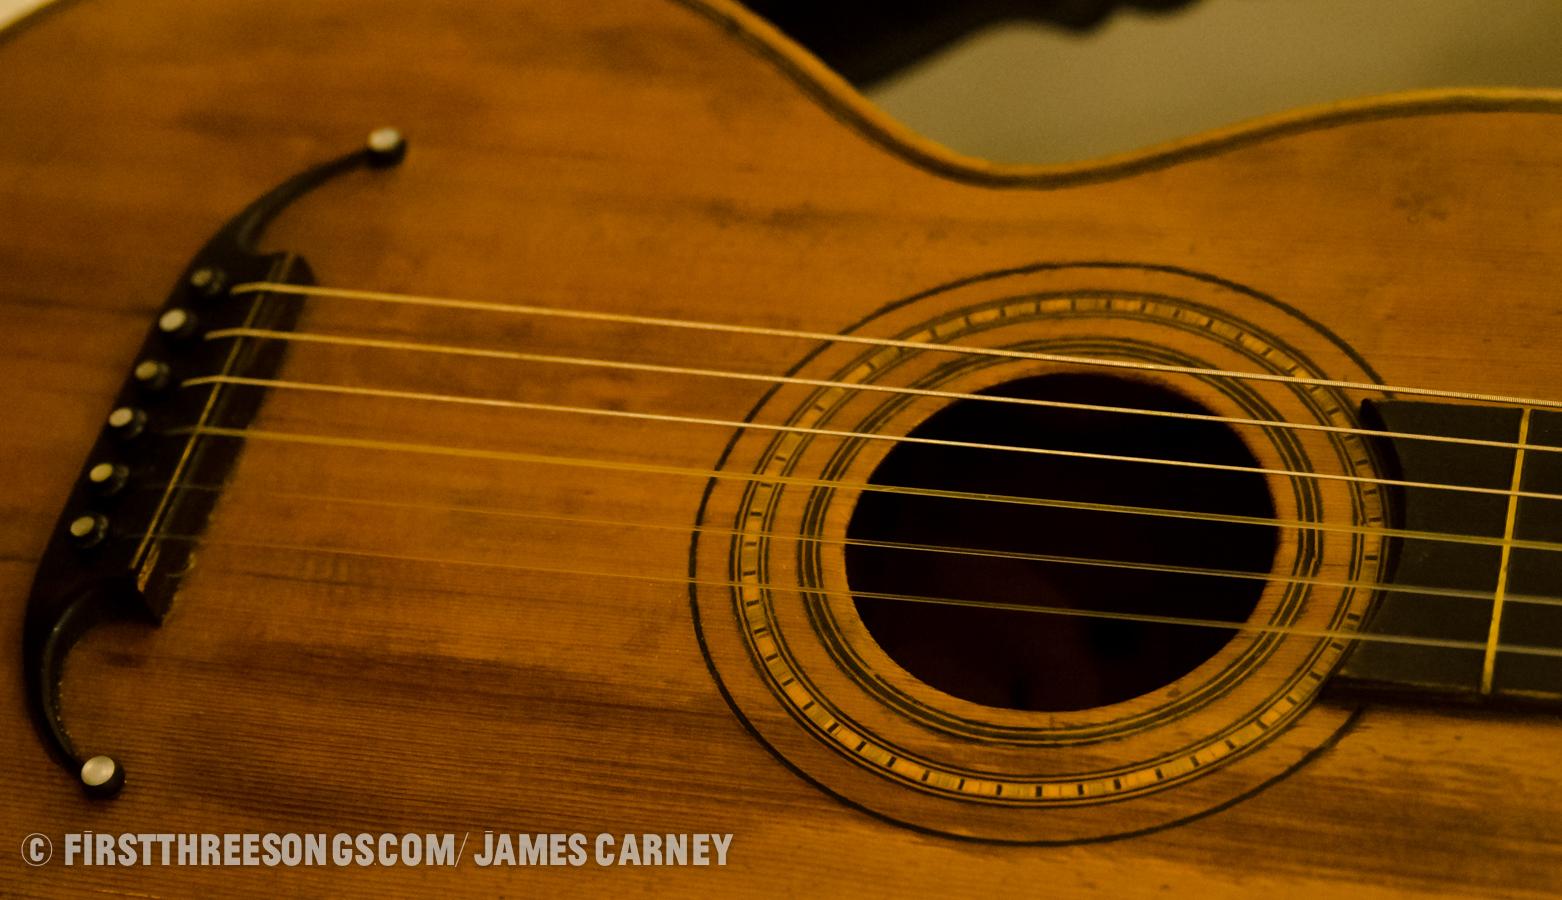 James Joyce's guitar